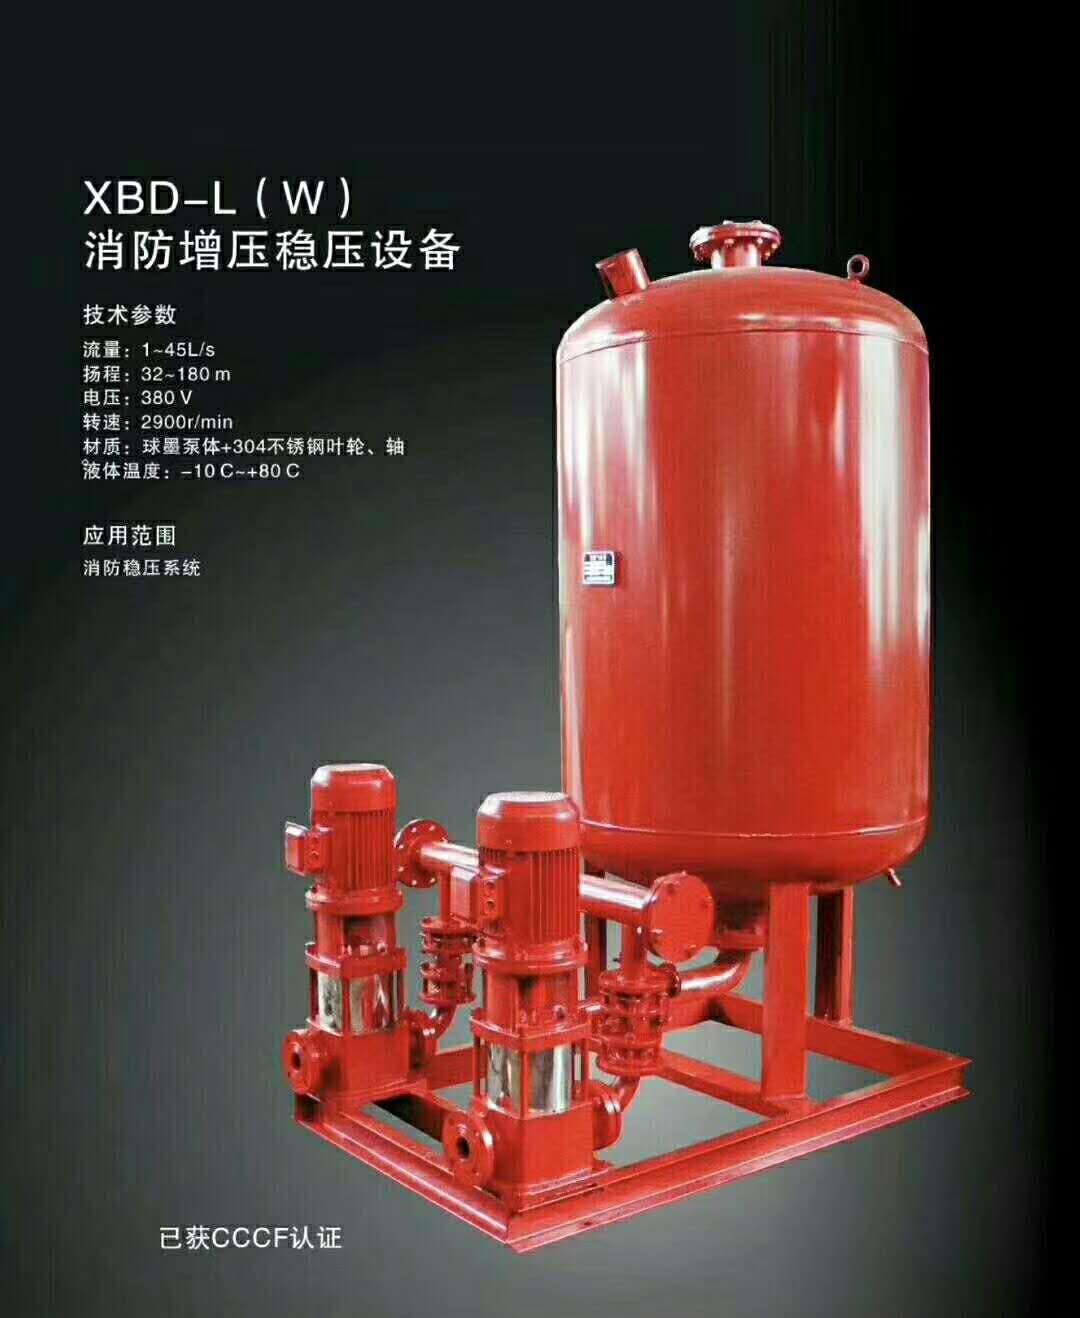 七层以下用多大的机组比较好  增压稳压设备 ZW(L)-I-Z-10 保持足够的压力运行